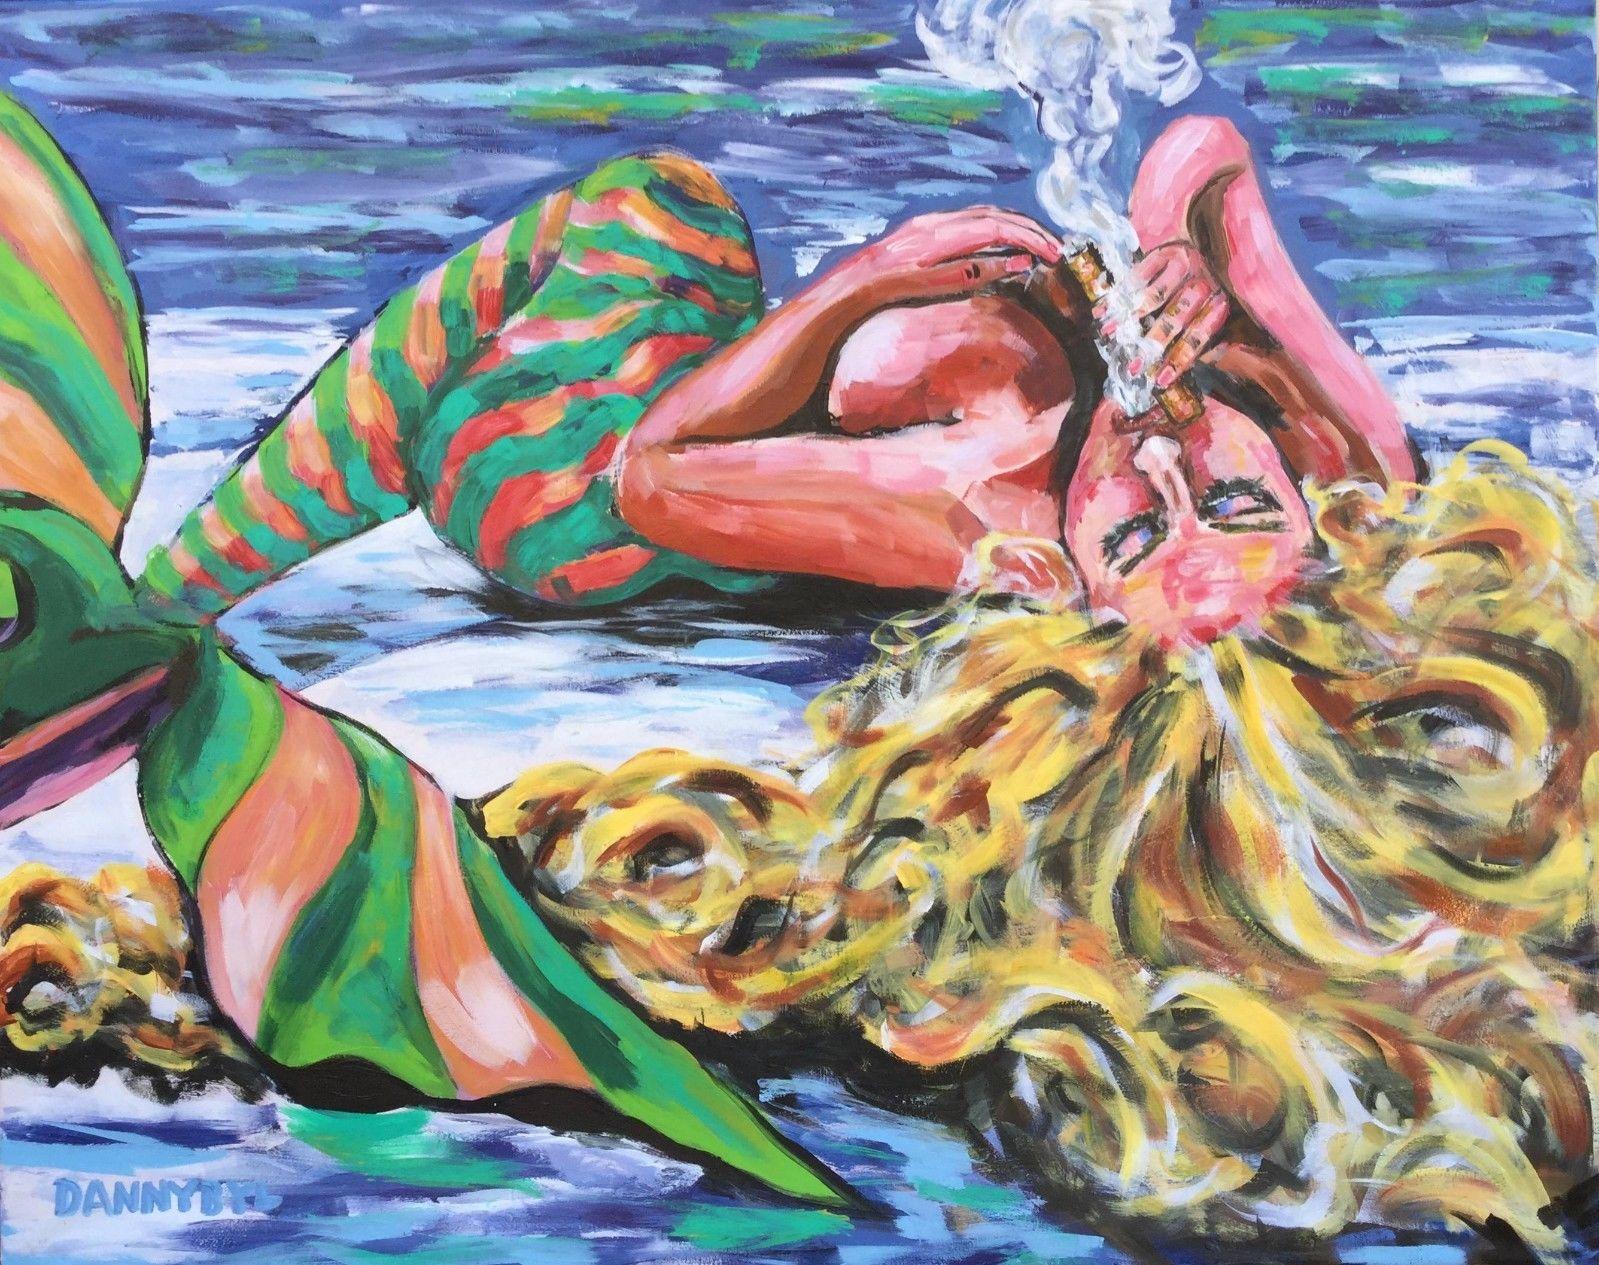 Smokin' Mermaid